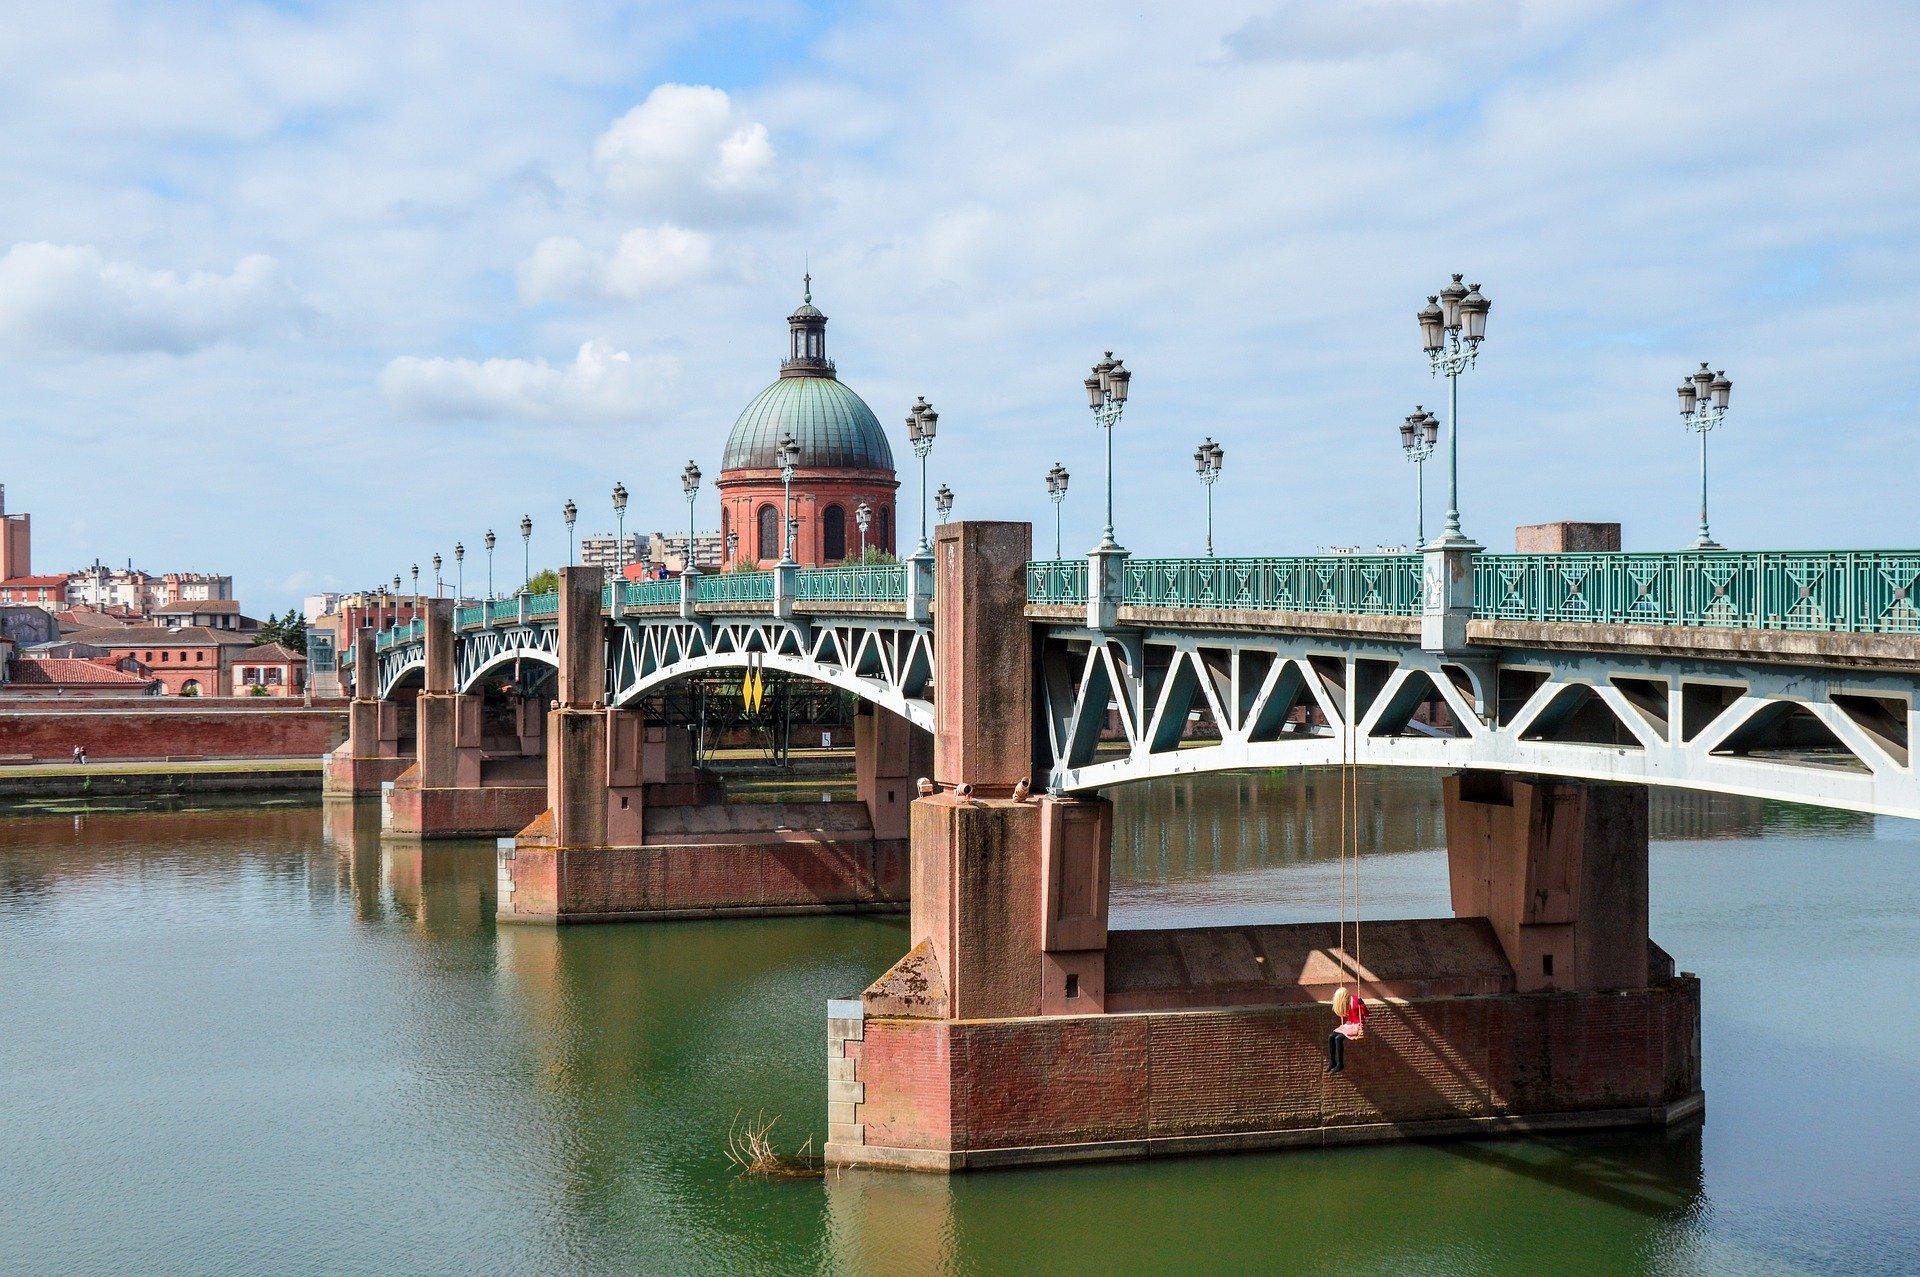 Image de Toulouse, numéro 1 en terme d'investissement en Loi Pinel